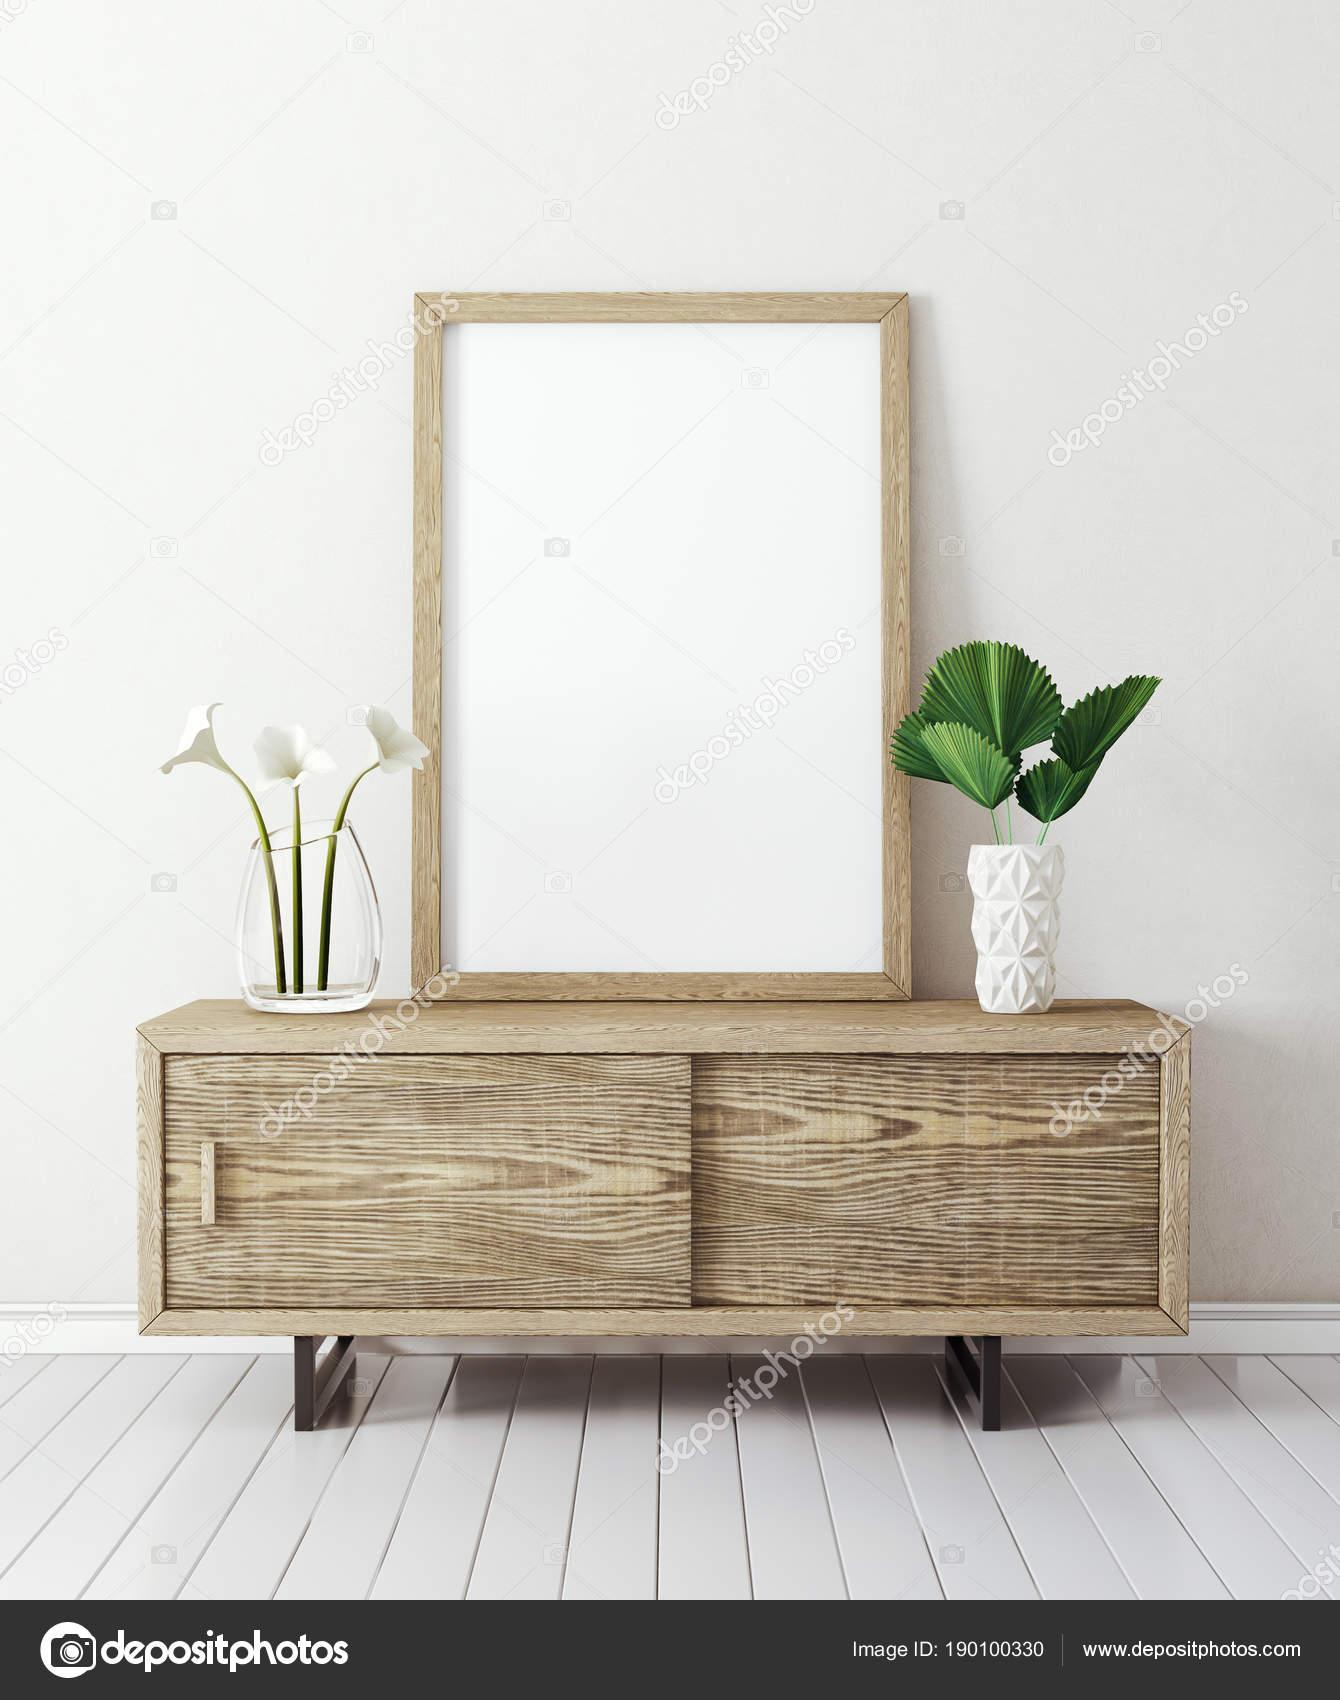 Salon moderne avec tableau ampty cadre meubles design int rieur scandinave photographie - Cadre salon design ...